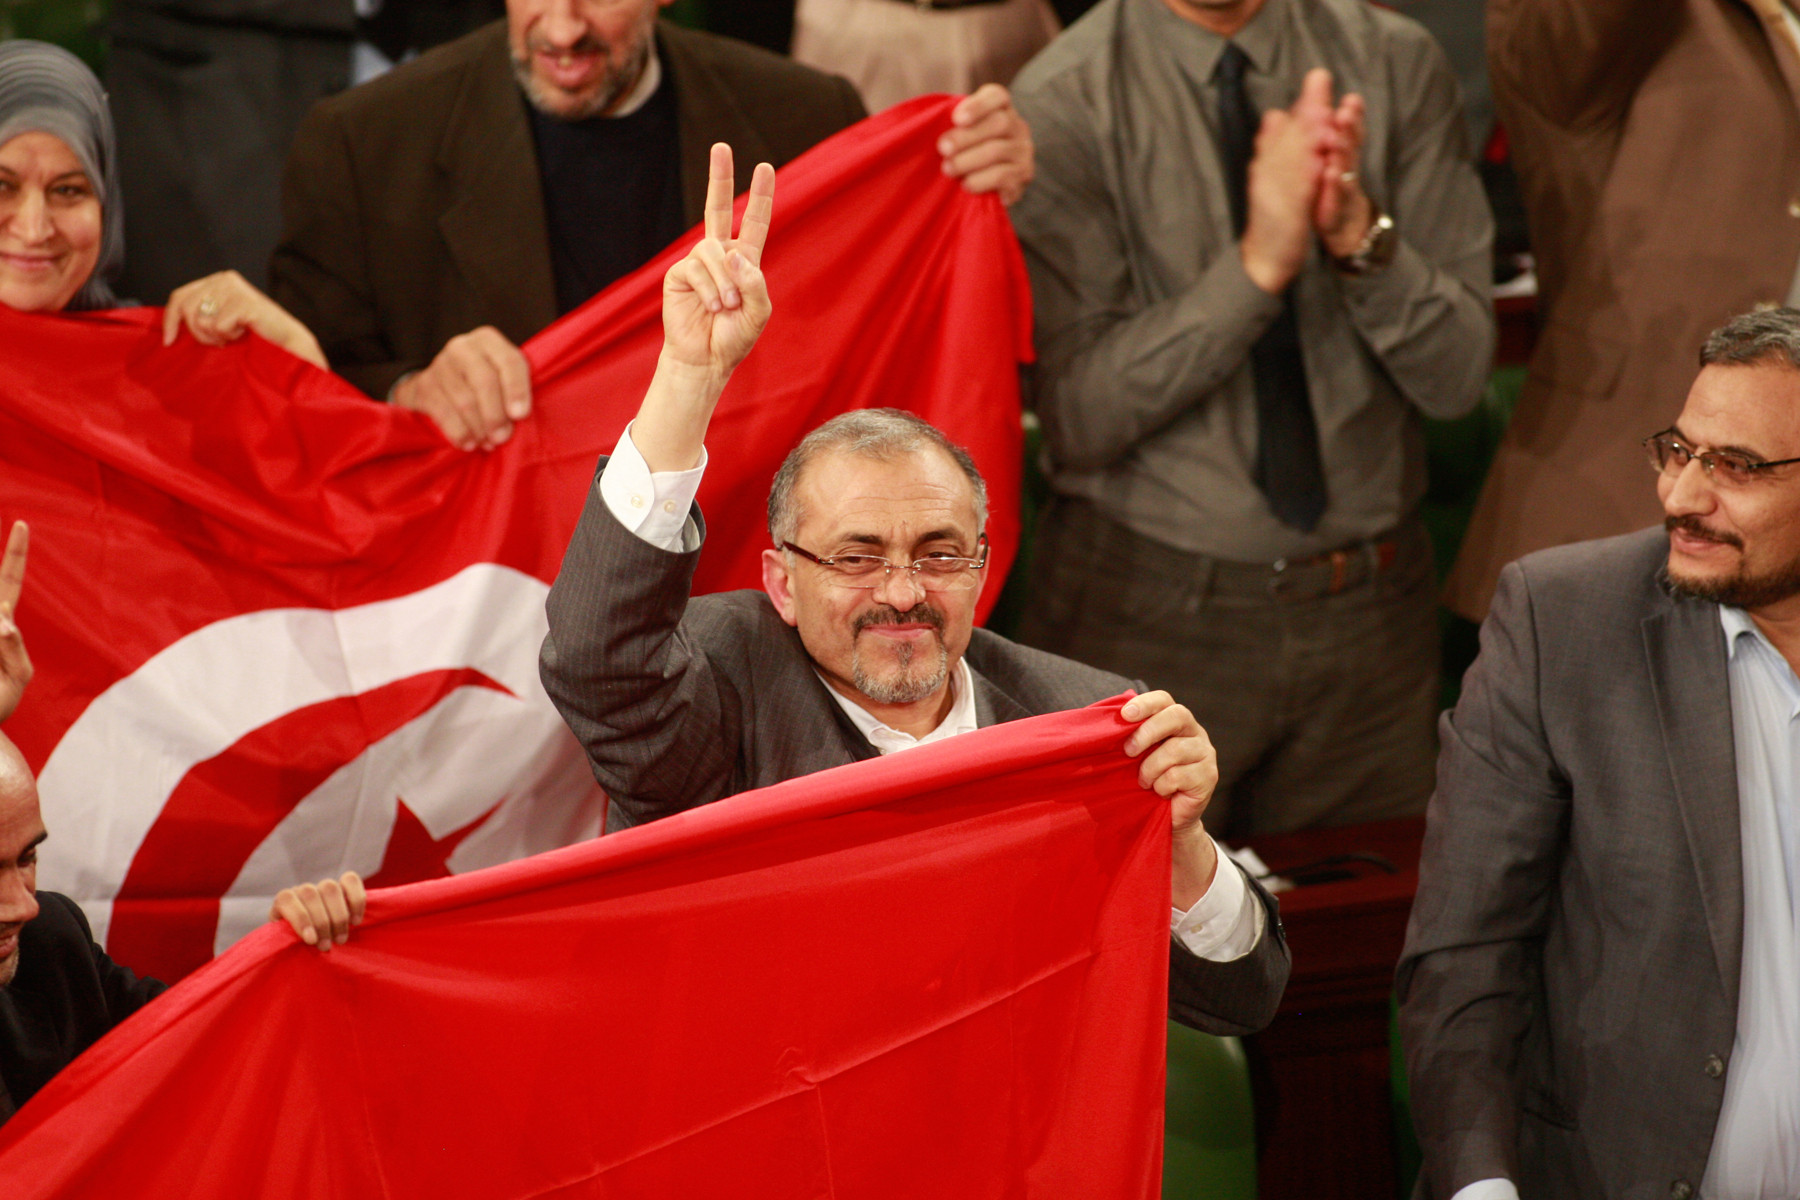 التأسيسي التونسي يصادق نهائيا على الدستور الجديد